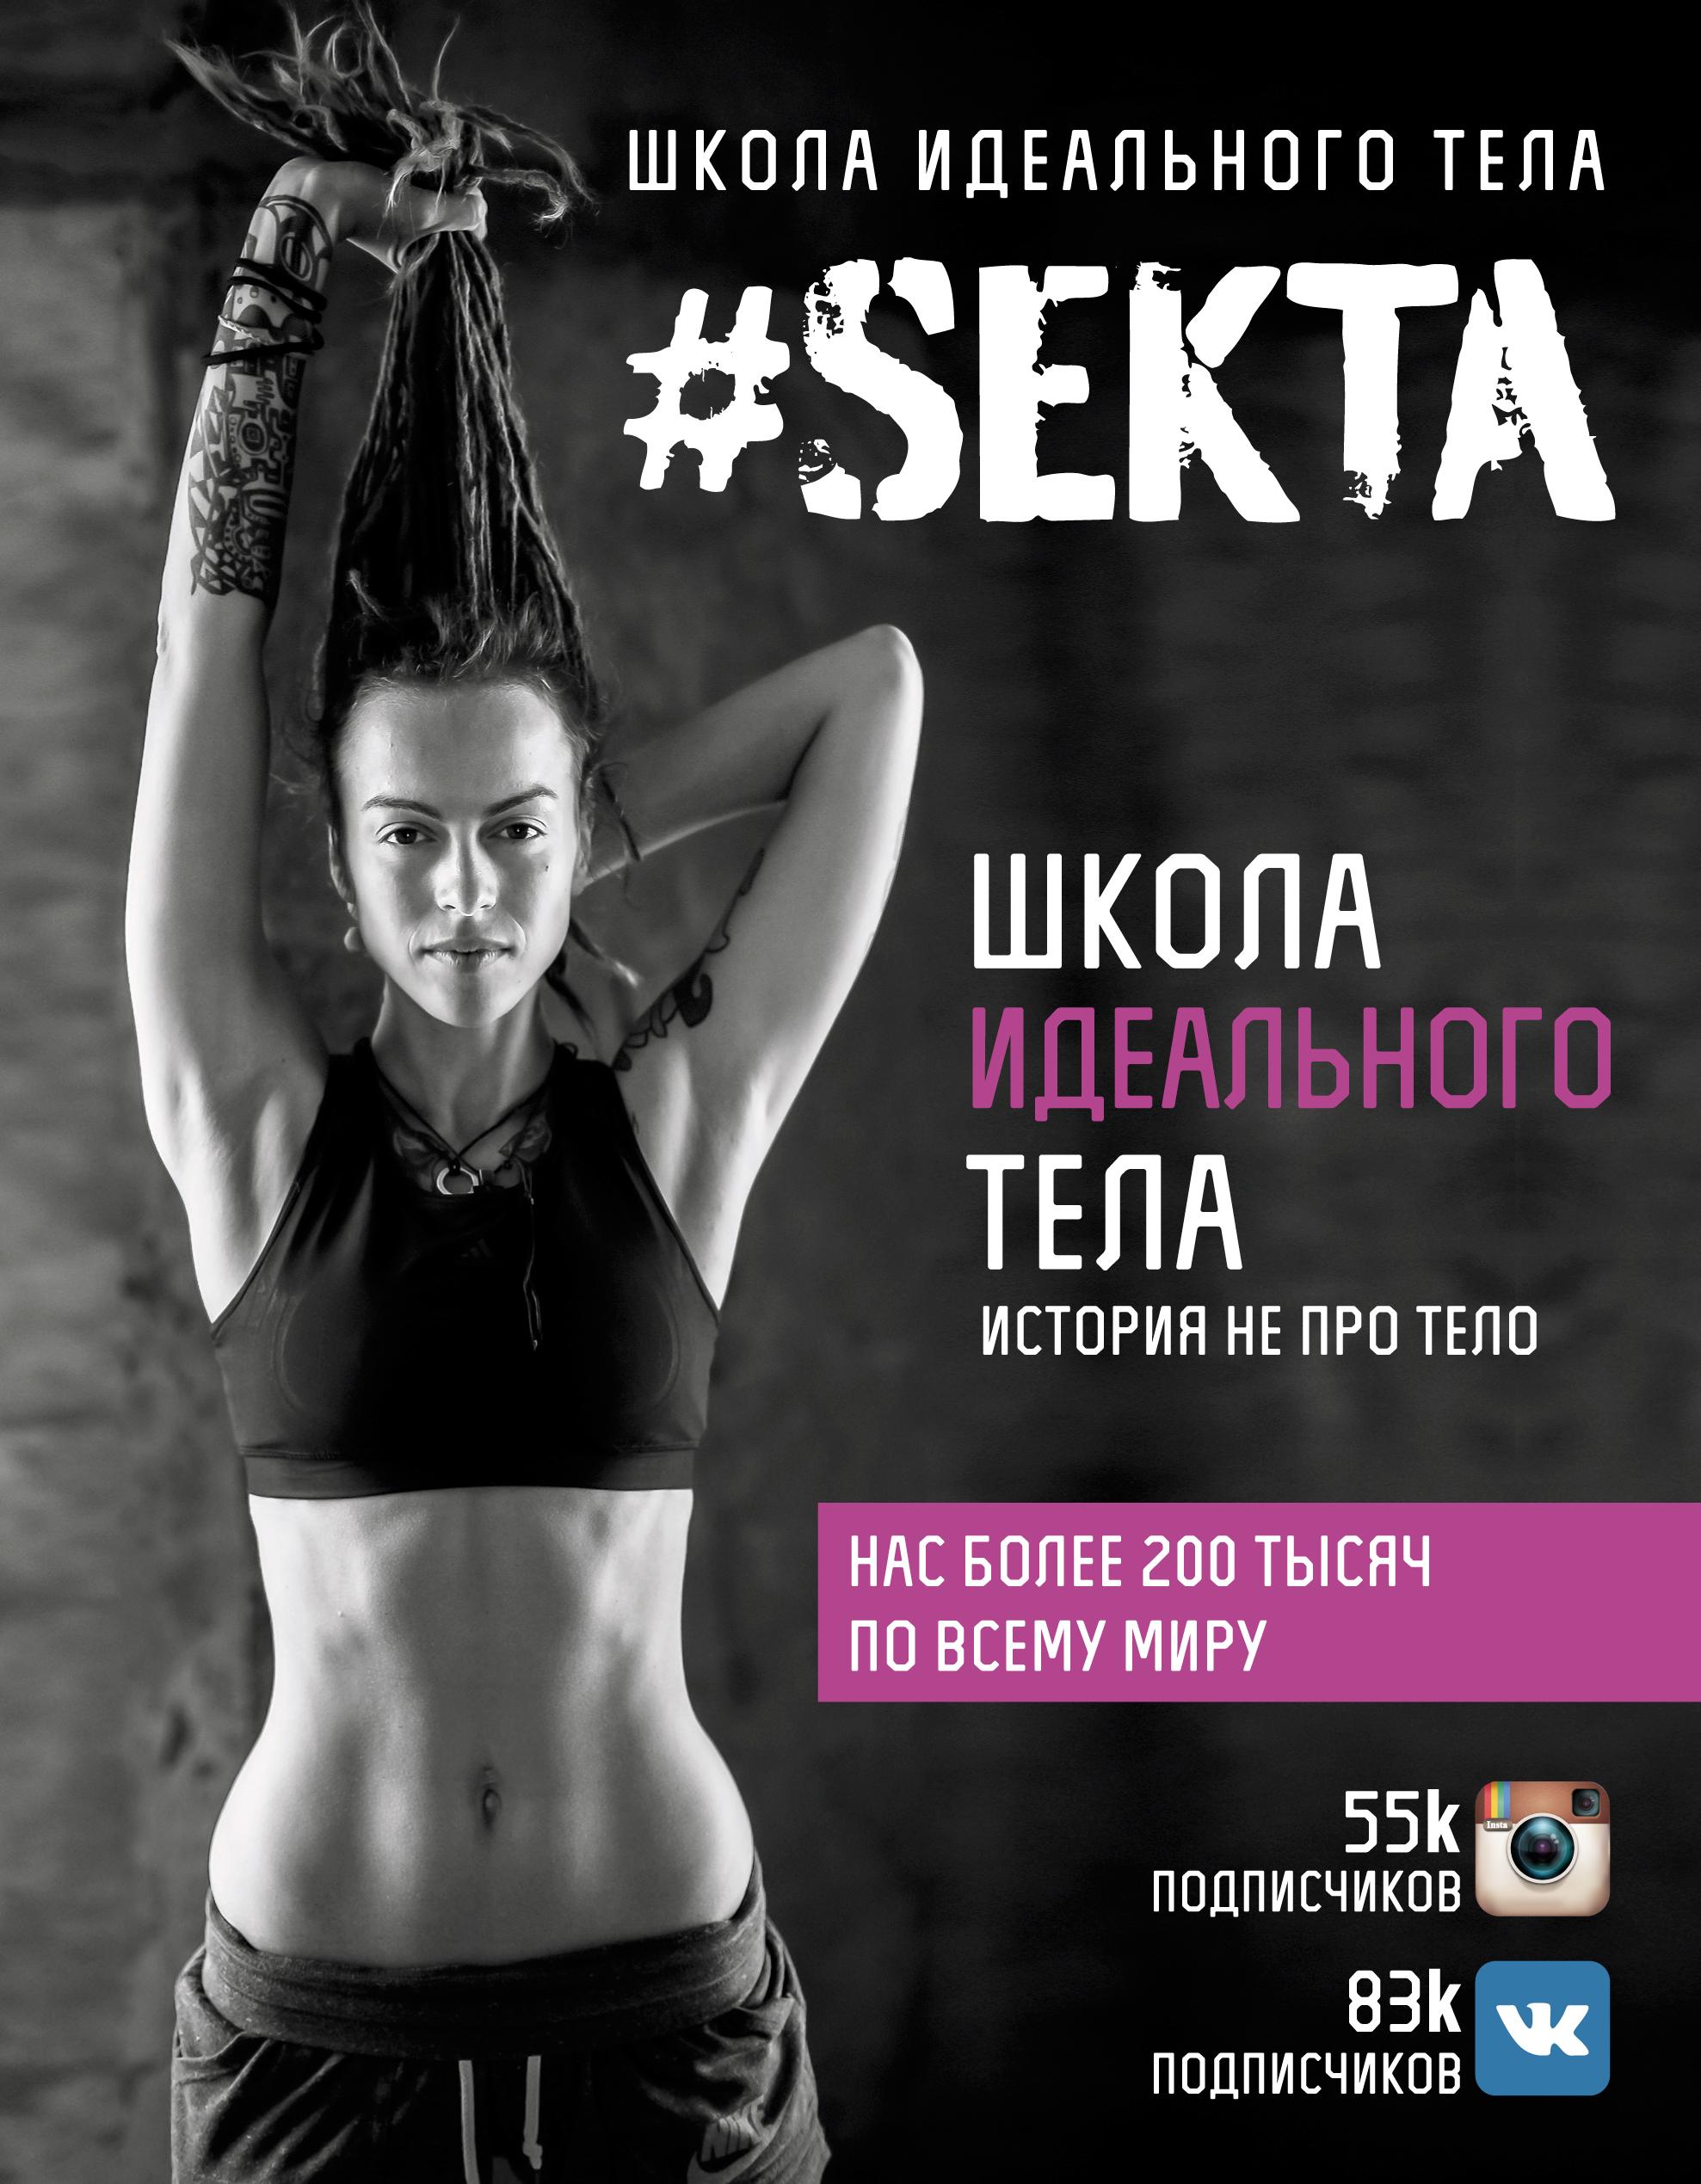 Маркес Ольга, #SEKTA #SEKTA. Школа идеального тела. История НЕ про ТЕЛО ольга маркес что мне съесть чтобы похудеть кулинарный проект sekta